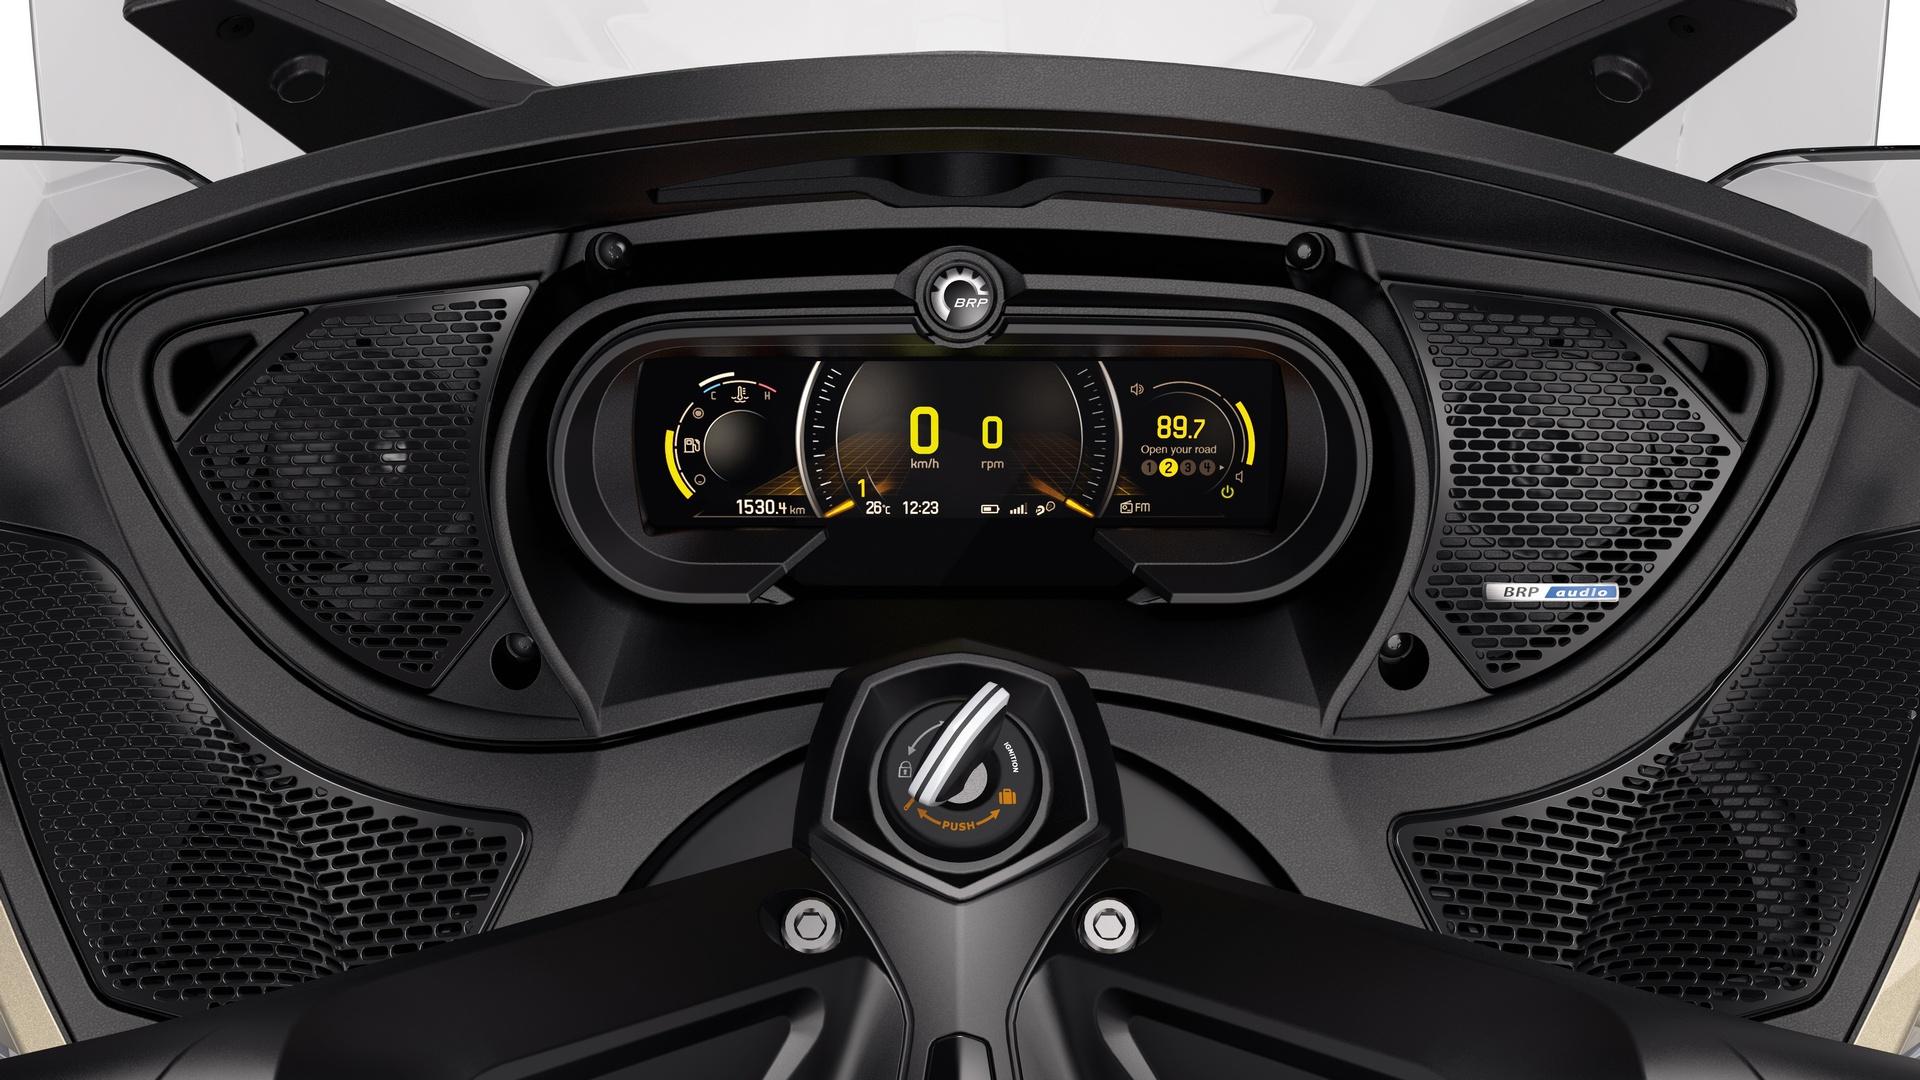 BRP представляет новую полностью цифровую приборную панель на большинстве моделей родстеров Can-Am Spyder 2018 г. в.